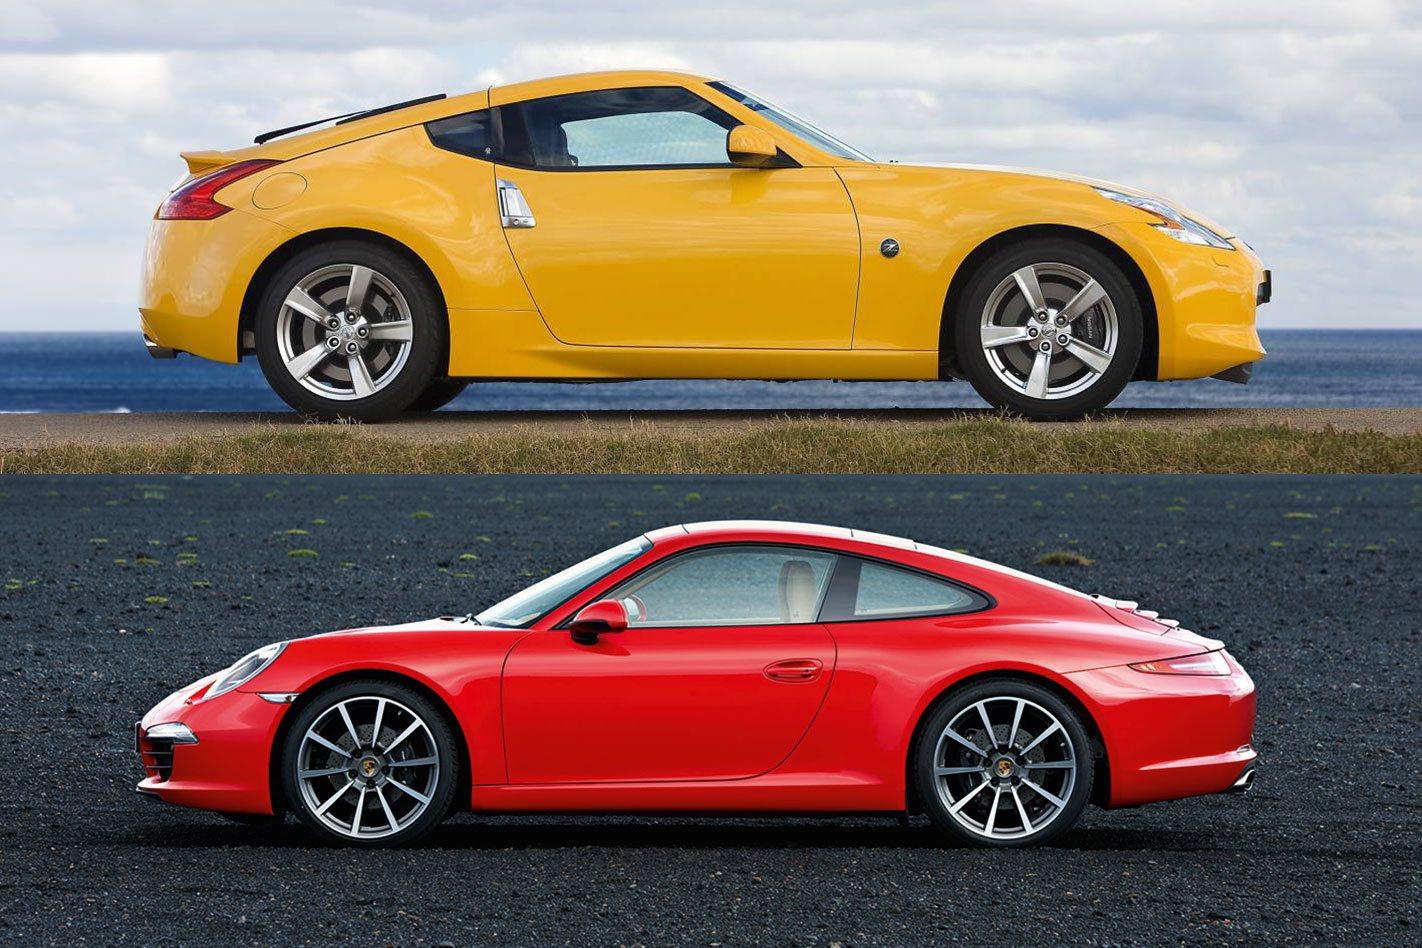 What's more por: Nissan 370Z or Porsche 911?